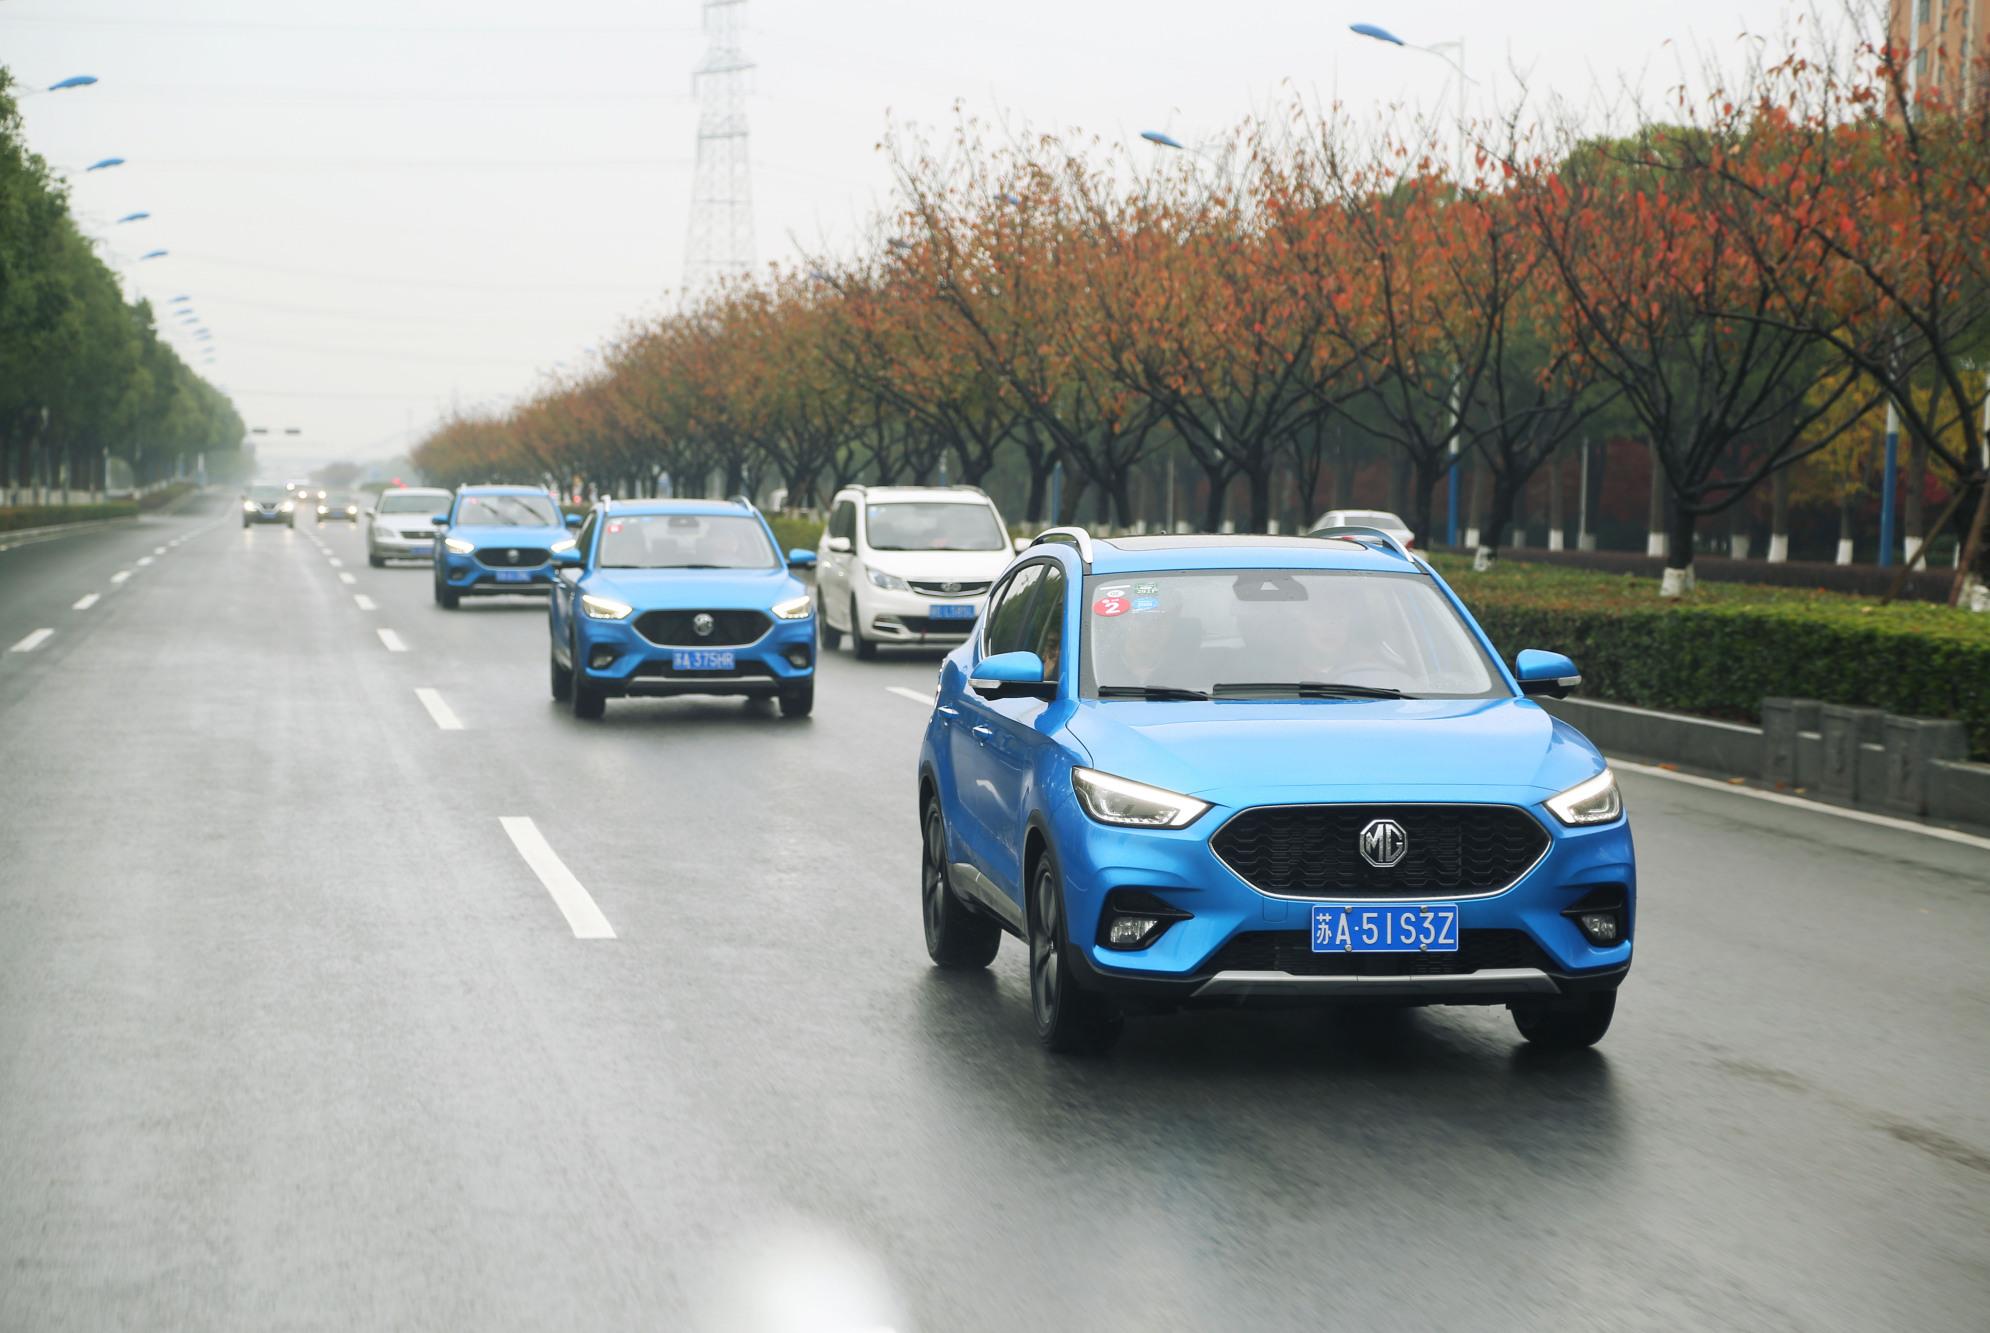 10万热门小型SUV怎么选?全新一代名爵ZS、缤越、XR-V 三车对比